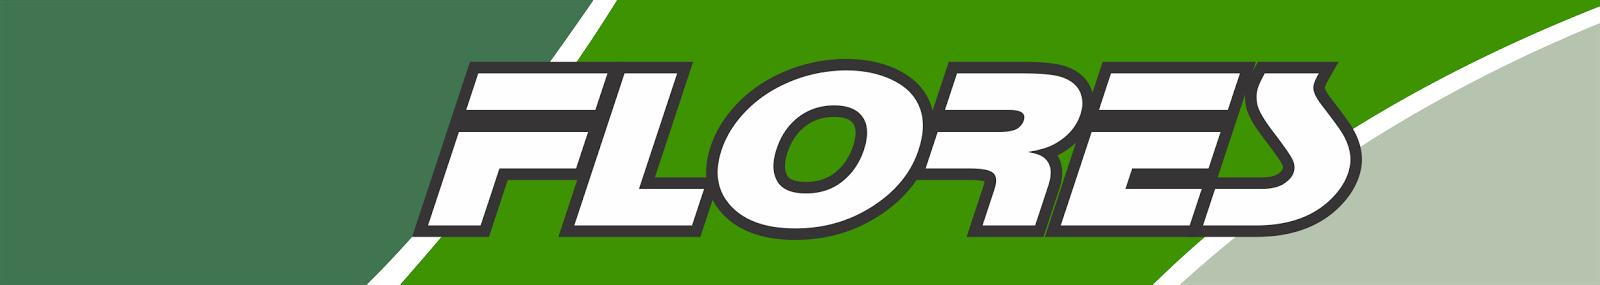 http://onibus-mania.blogspot.com.br/search/label/Transportes%20Flores%20%28RJ%29